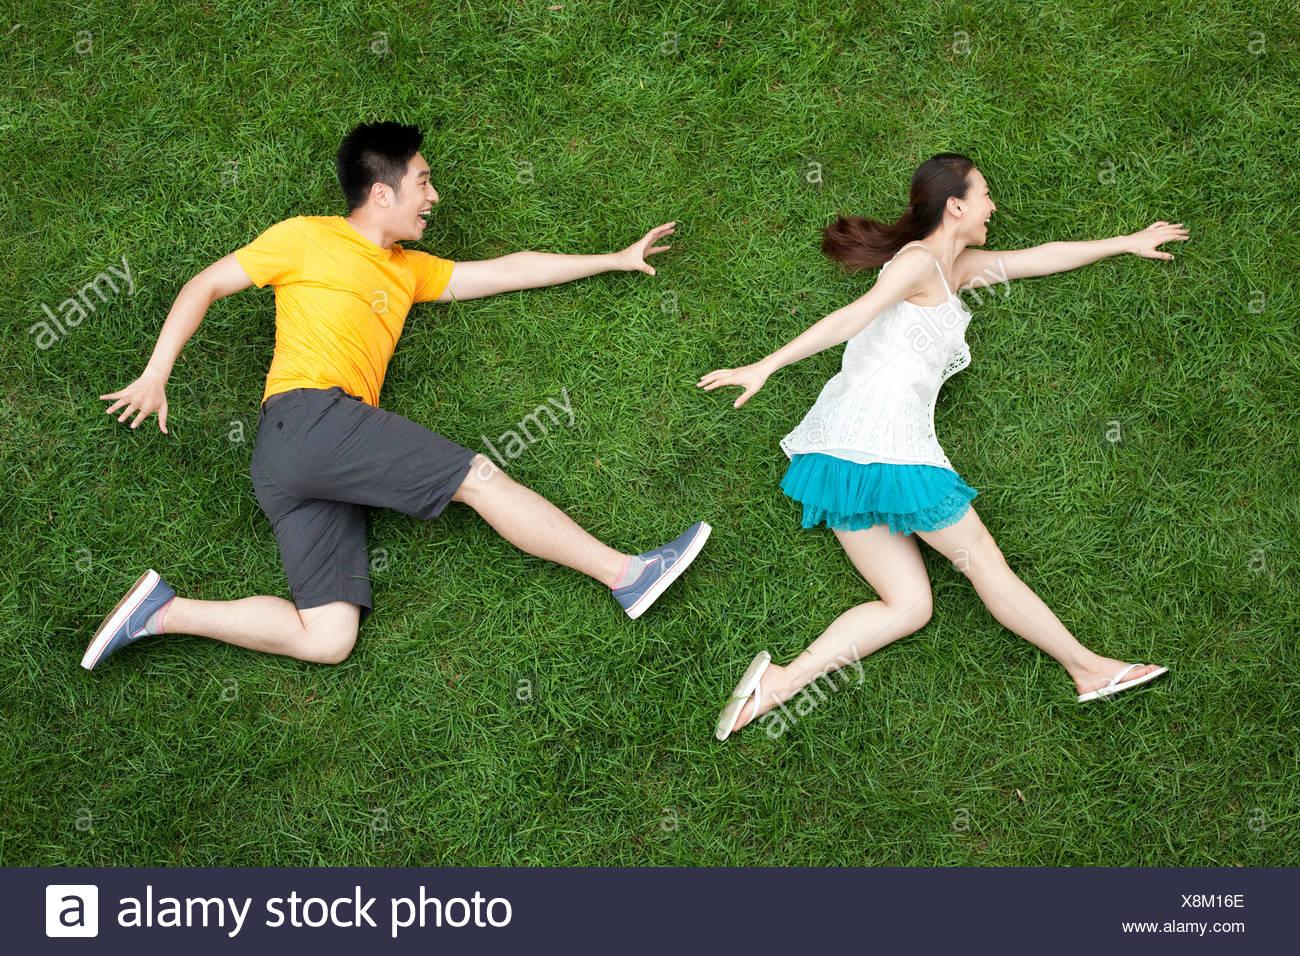 Junges Paar Chase-Spiel auf dem Rasen Stockbild